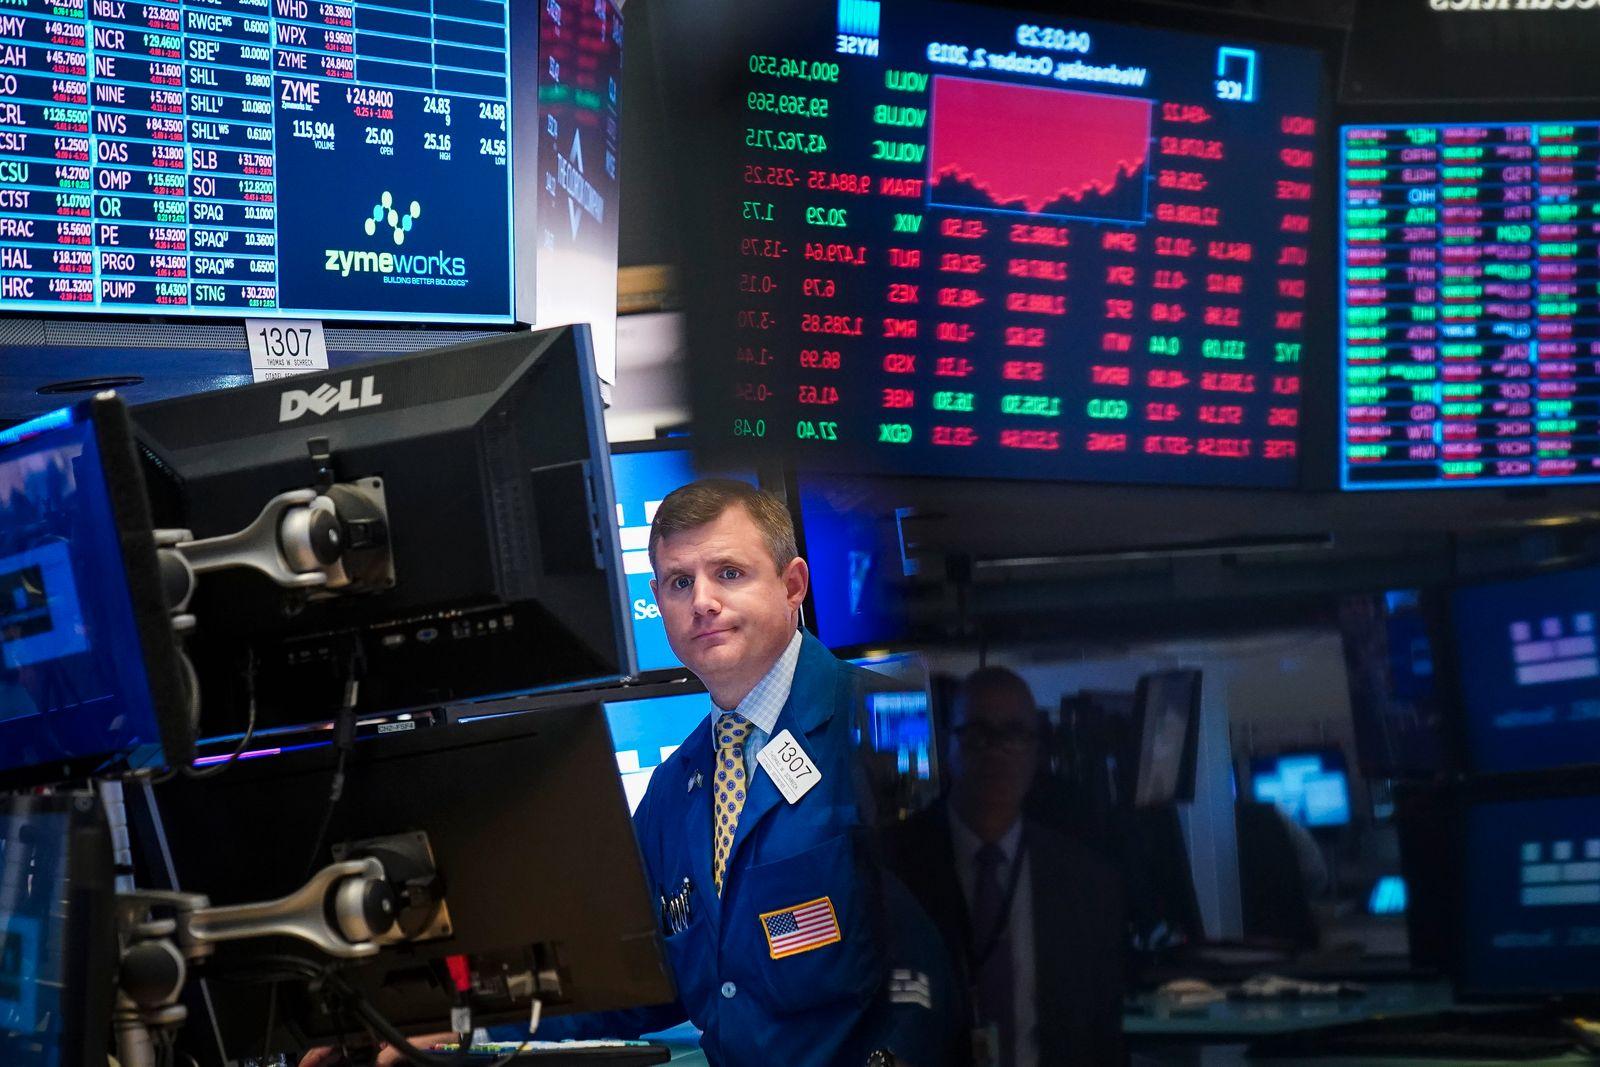 NYSE Börsenhändler